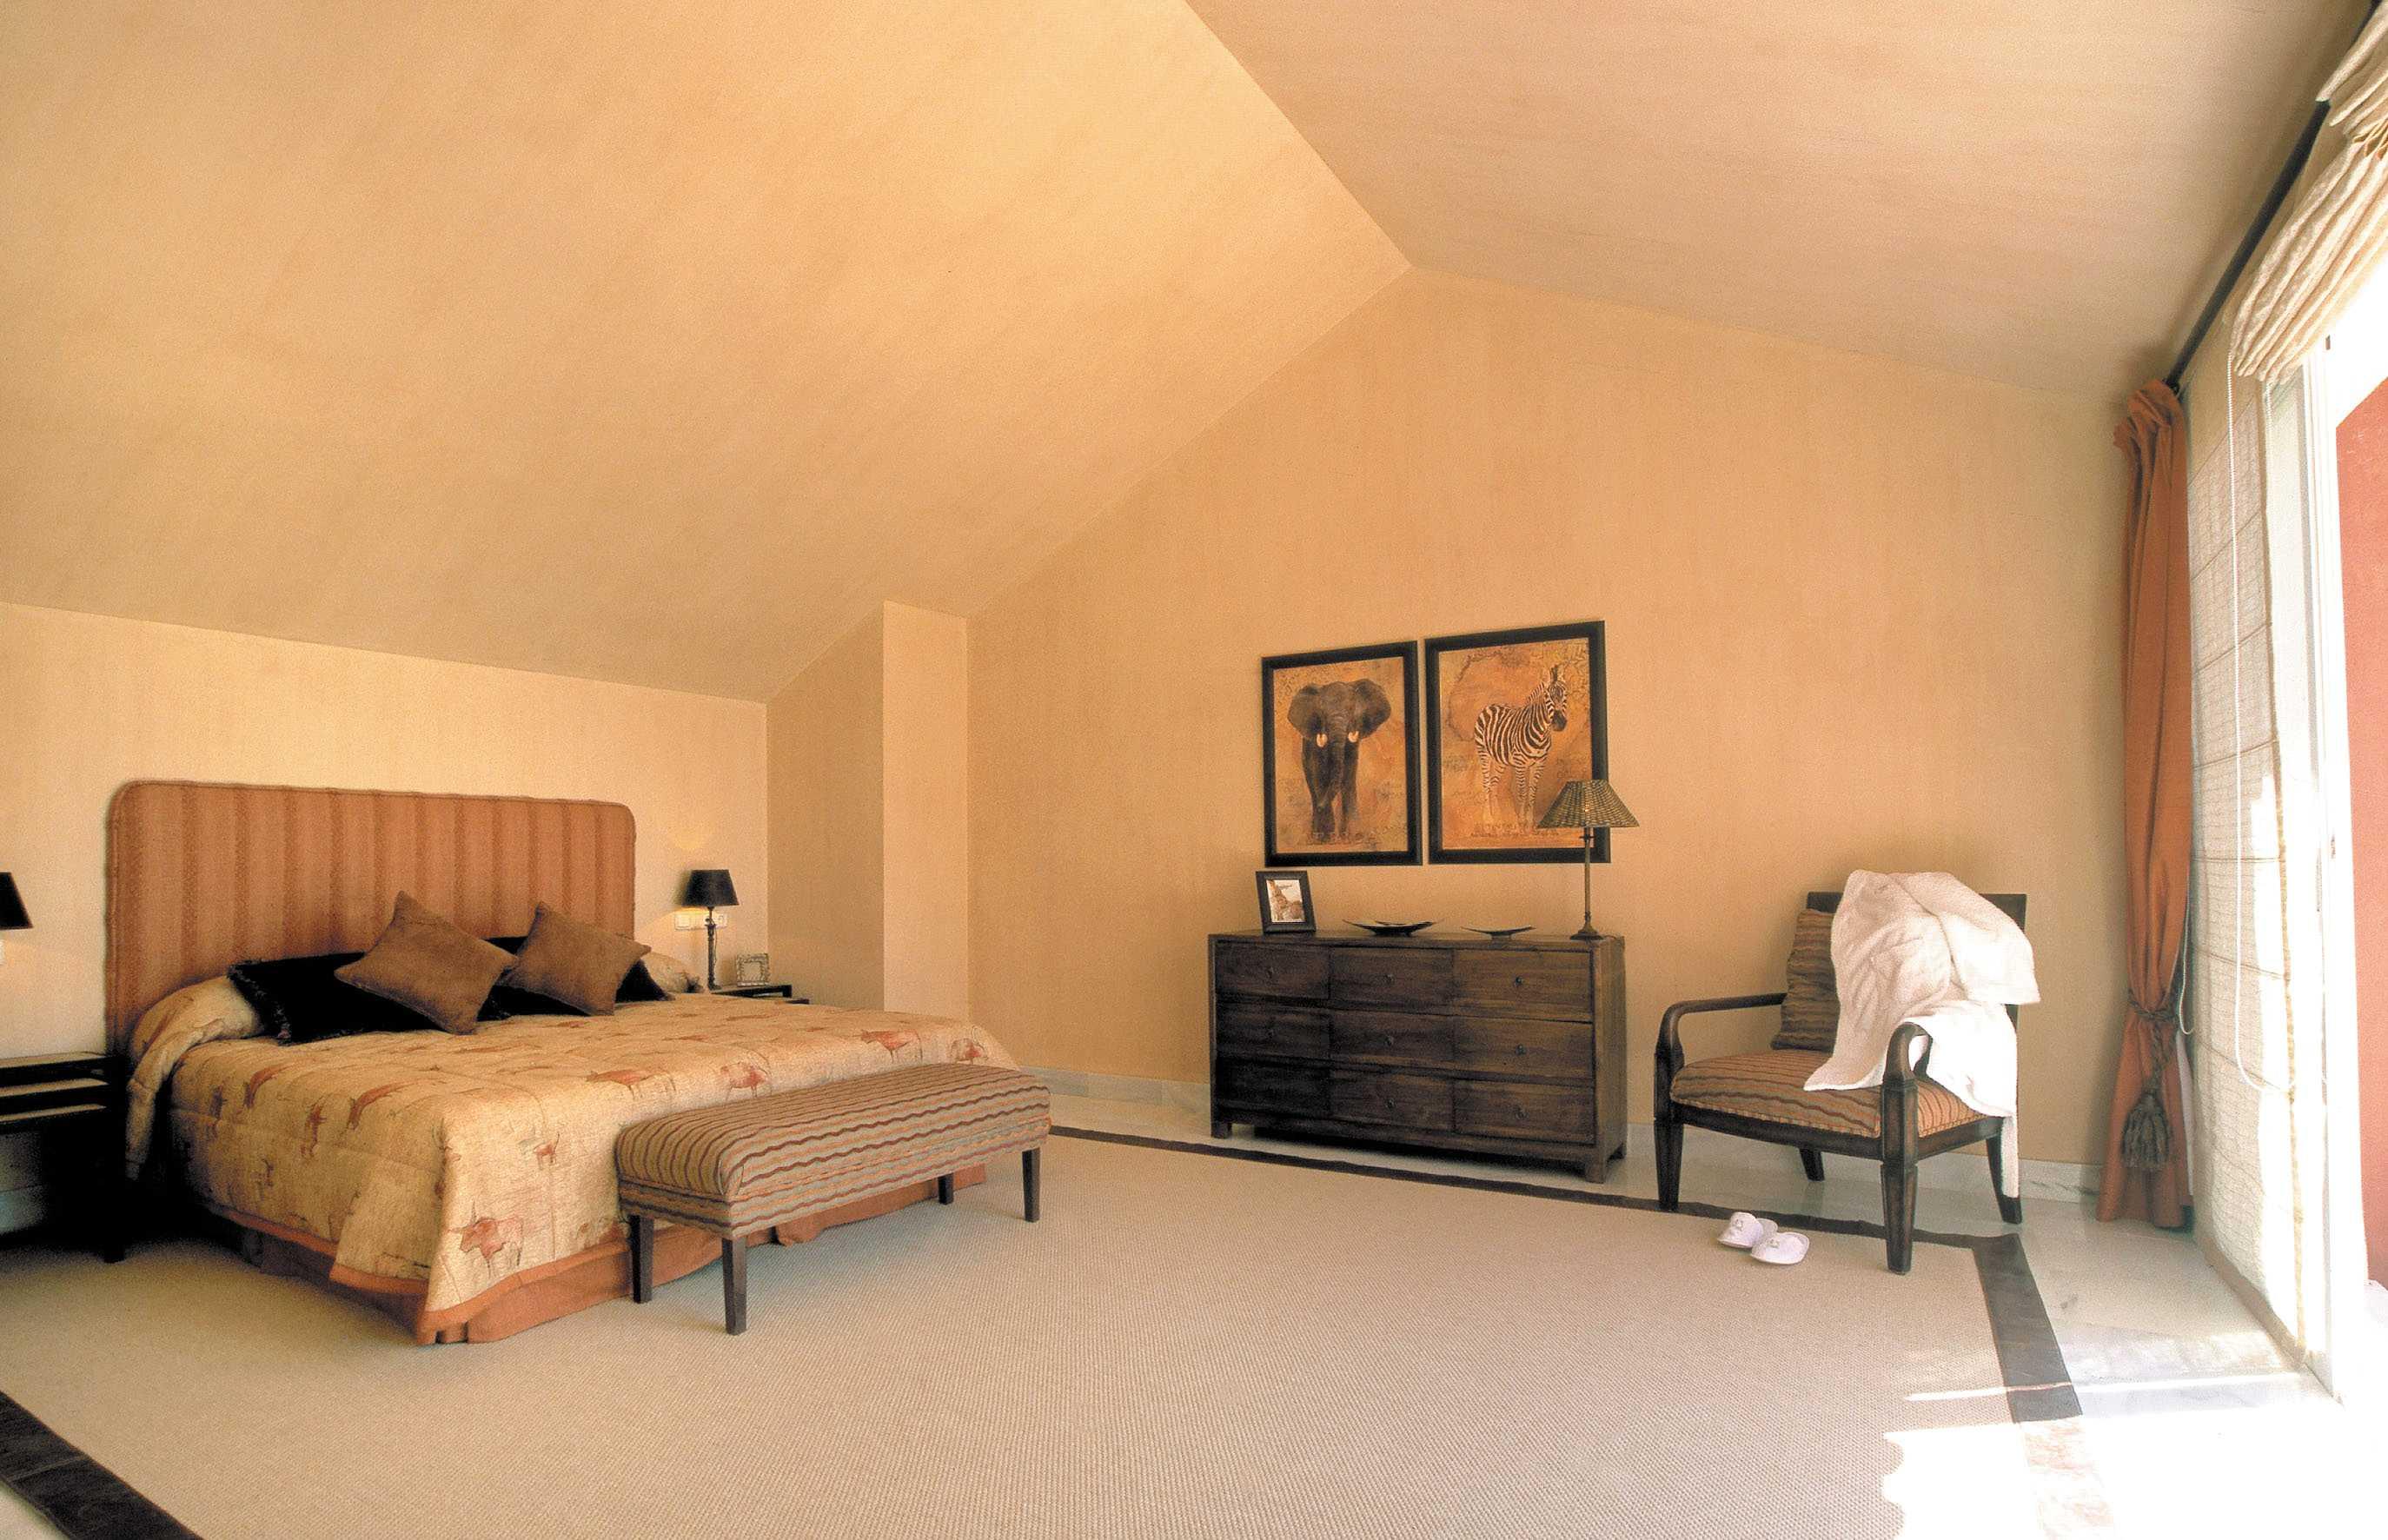 3 bedroom duplex penthouse spain properties marbella for Three bedroom duplex